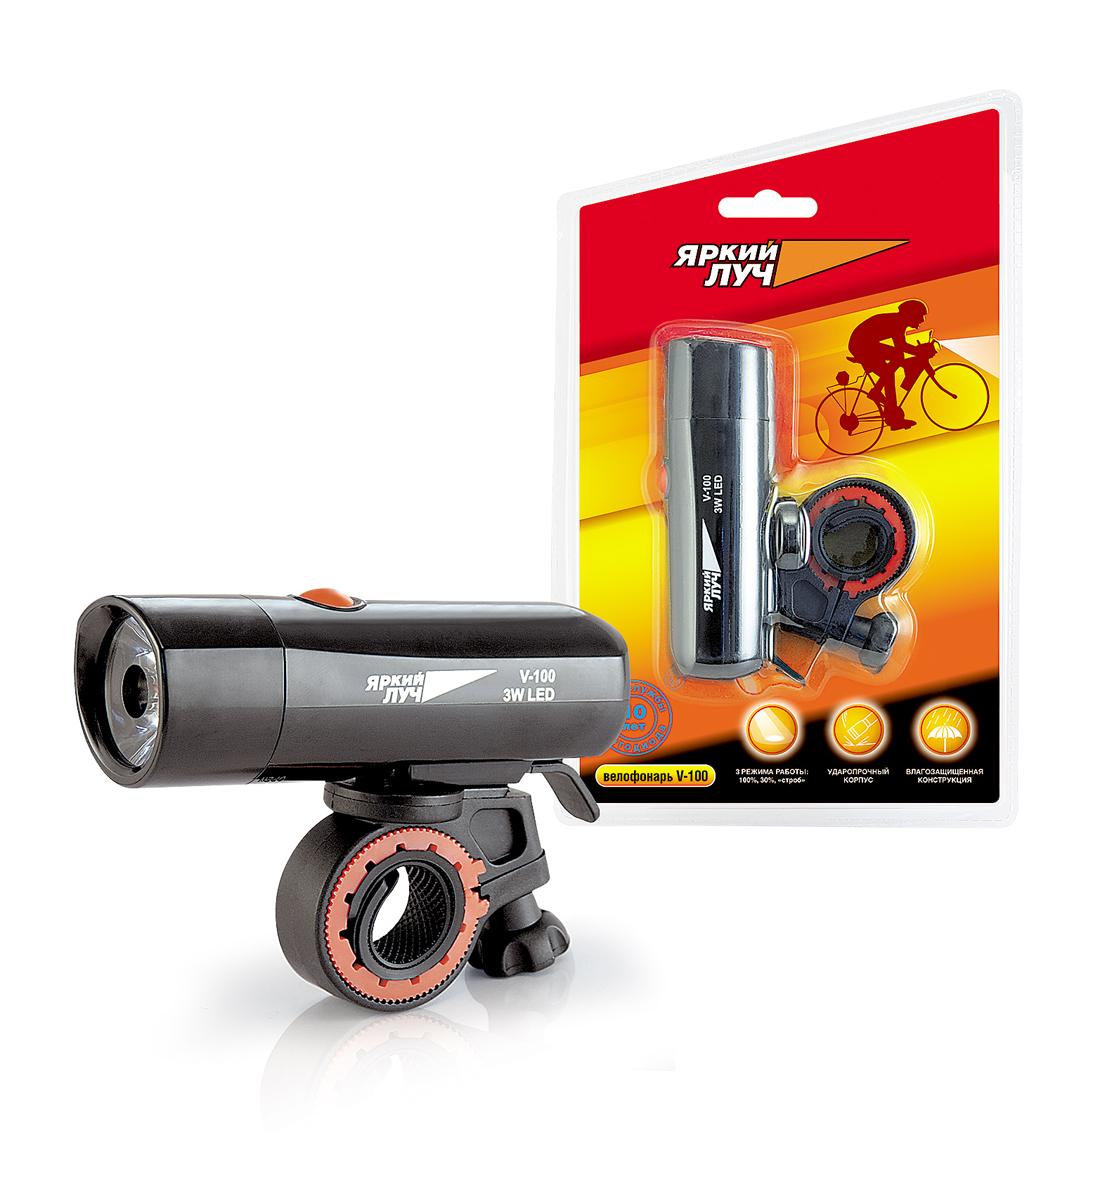 Фонарь велосипедный Яркий Луч, цвет: черныйV-100Фонарь Яркий Луч, выполненный из пластика, предназначен для комфортной и безопасной езды на велосипеде в любое время суток. Изделие имеет три режима работы: 100% (100 лм), 30% (30 лм) и строб.Оптическая система фонаря (коллиматорная линза) позволит комфортно перемещаться на средней скорости в полной темноте, своевременно обозначая ямы и неровности дорог, а режим строб поможет обезопасить езду в светлое время суток. Источник света: яркий светодиод (3 Вт).Конструктивная особенность: поворот фонаря относительно крепления на 360°.В комплекте поставляется крепление на руль. Элементы питания: 4 батарейки типа ААА (R03) - в комплект не входят.Гид по велоаксессуарам. Статья OZON Гид